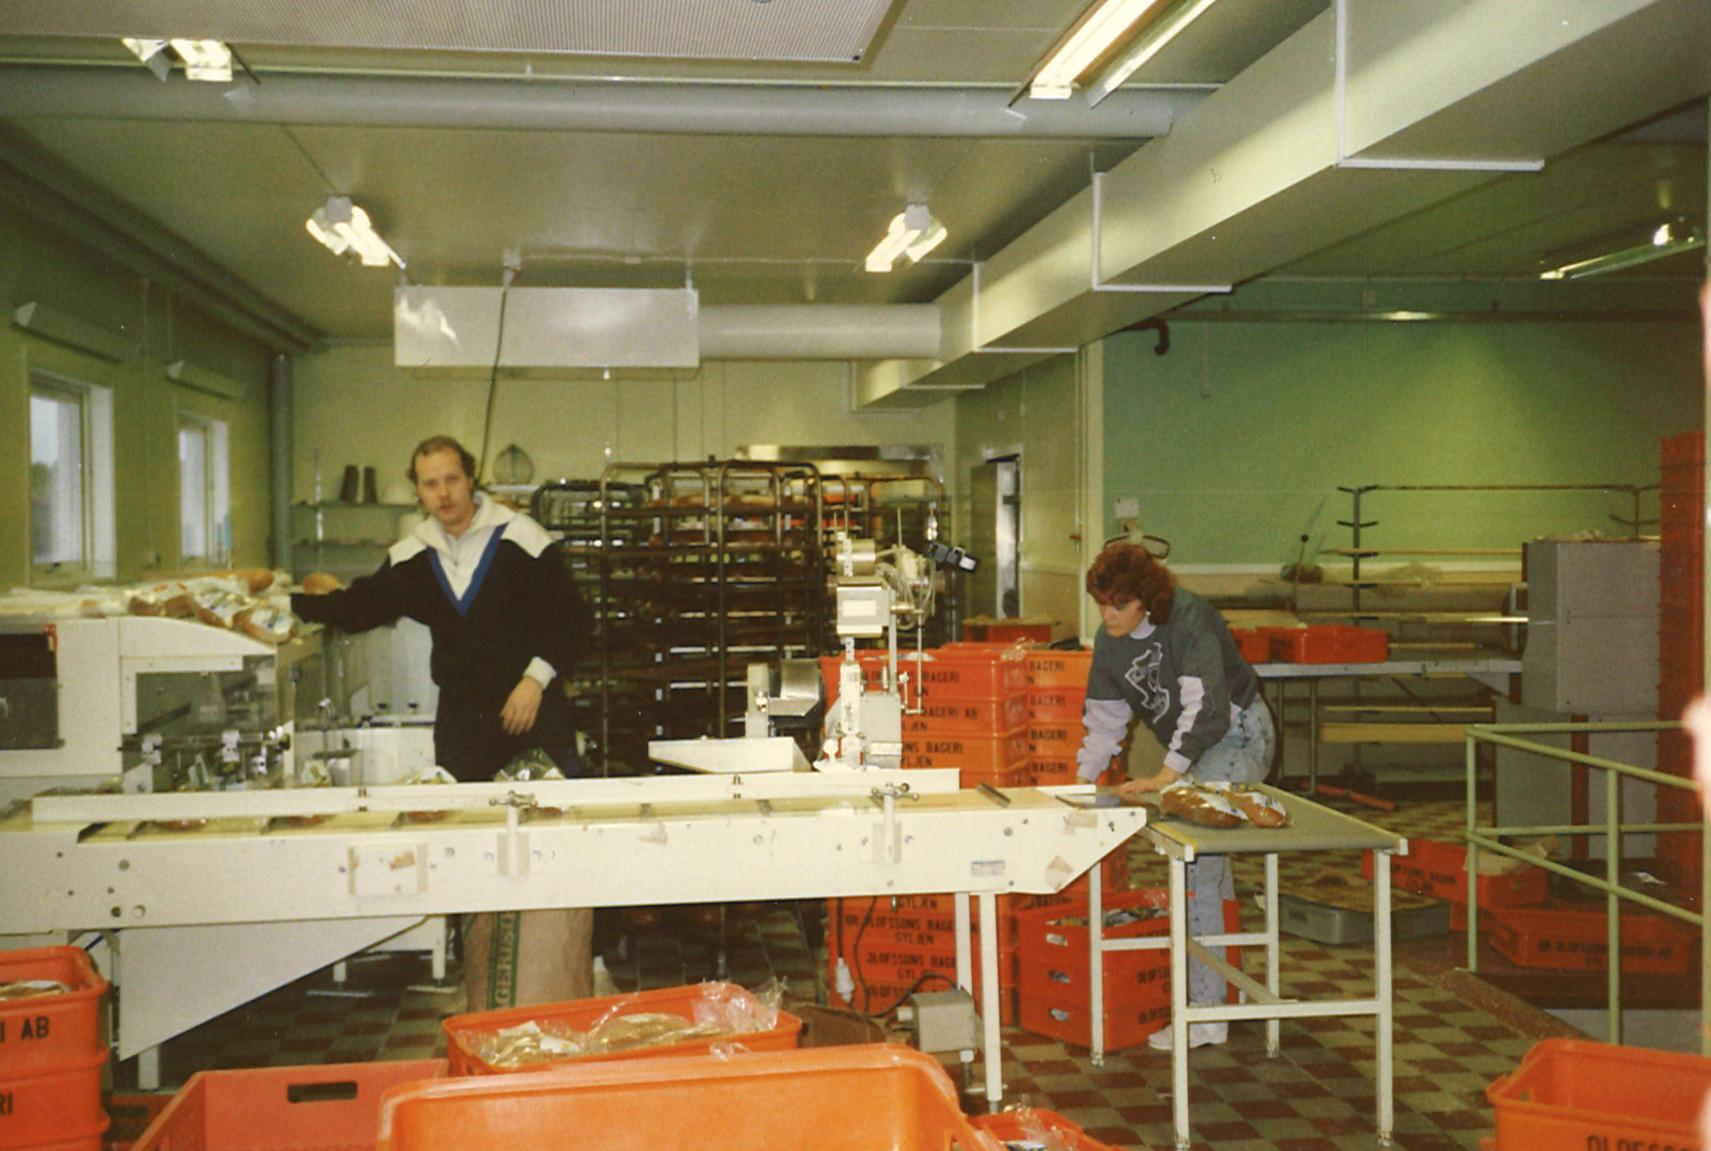 Bageriet år 1988. Per-Erik Olofsson och Anna-Lisa paketerar limpor inför utkörningen.